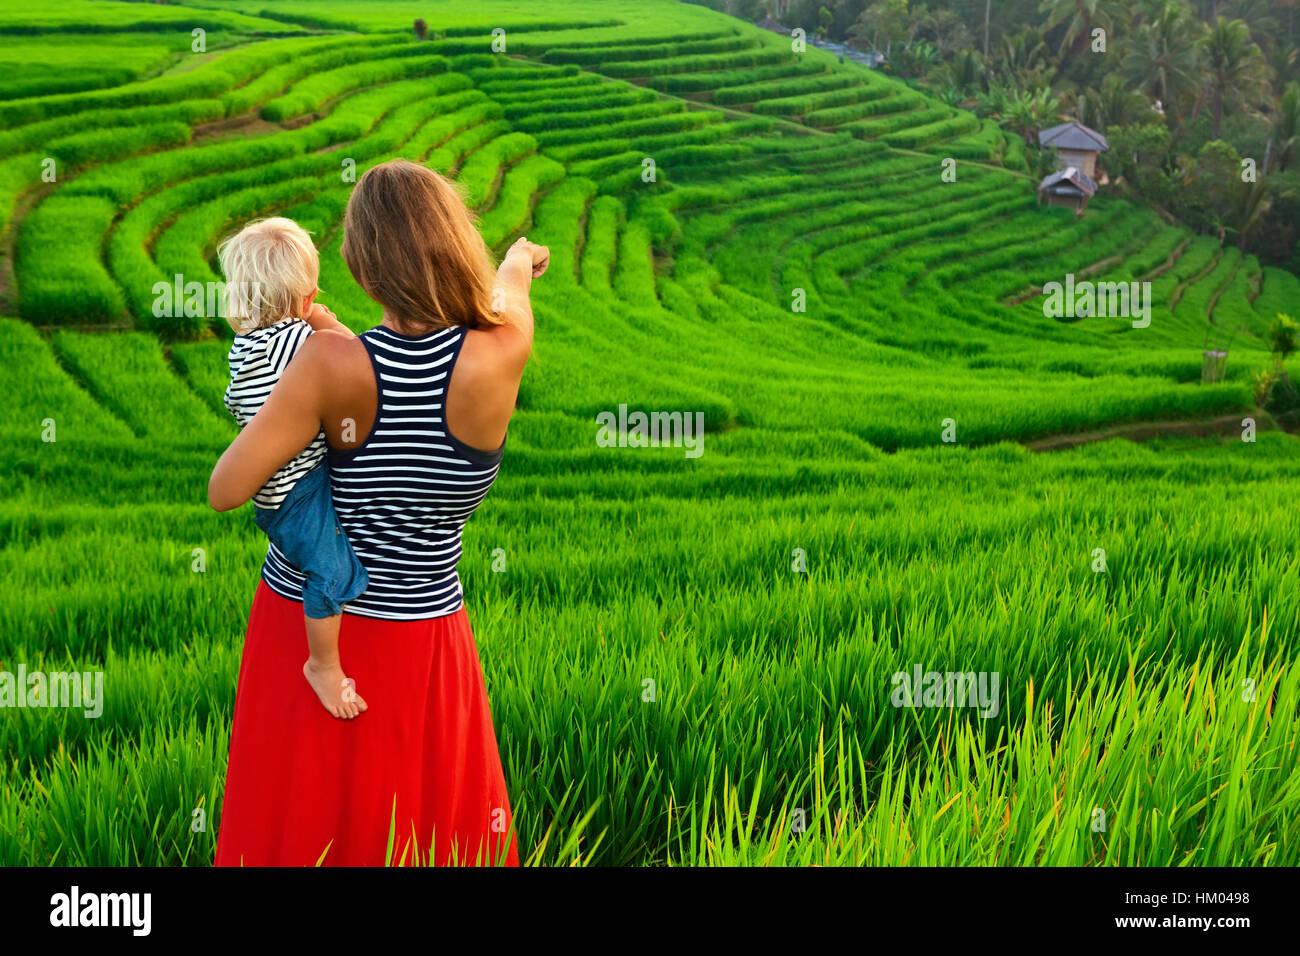 Belle vue sur champs balinais. Promenade dans le riz vert terrasse. Heureux mère heureux petit bébé. Photo Stock